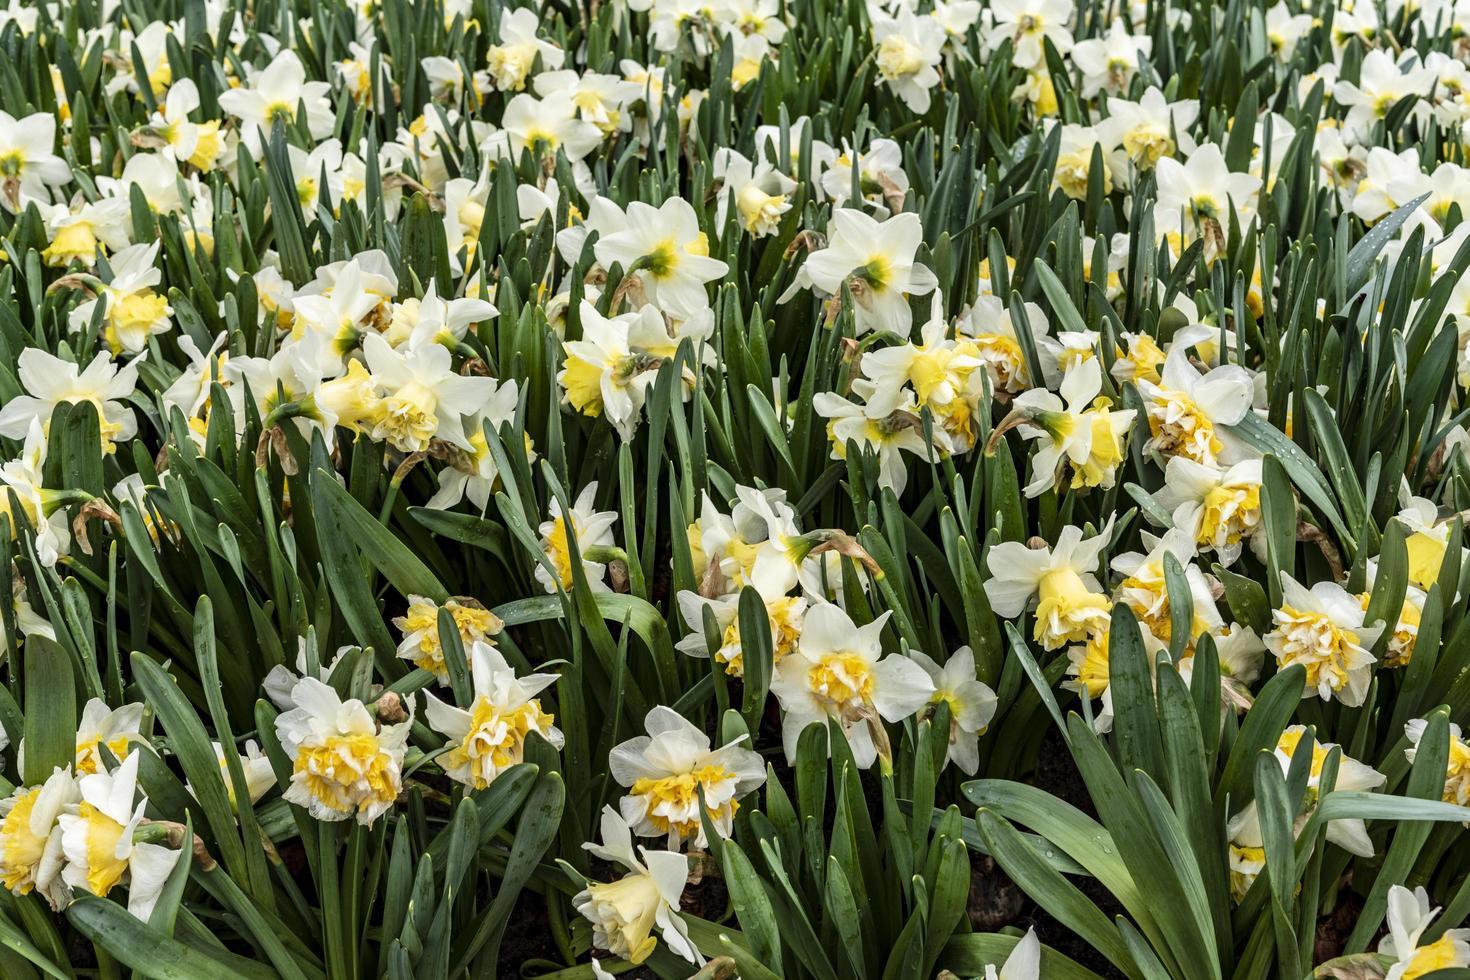 Iris blancs et jaunes en fleurs photo